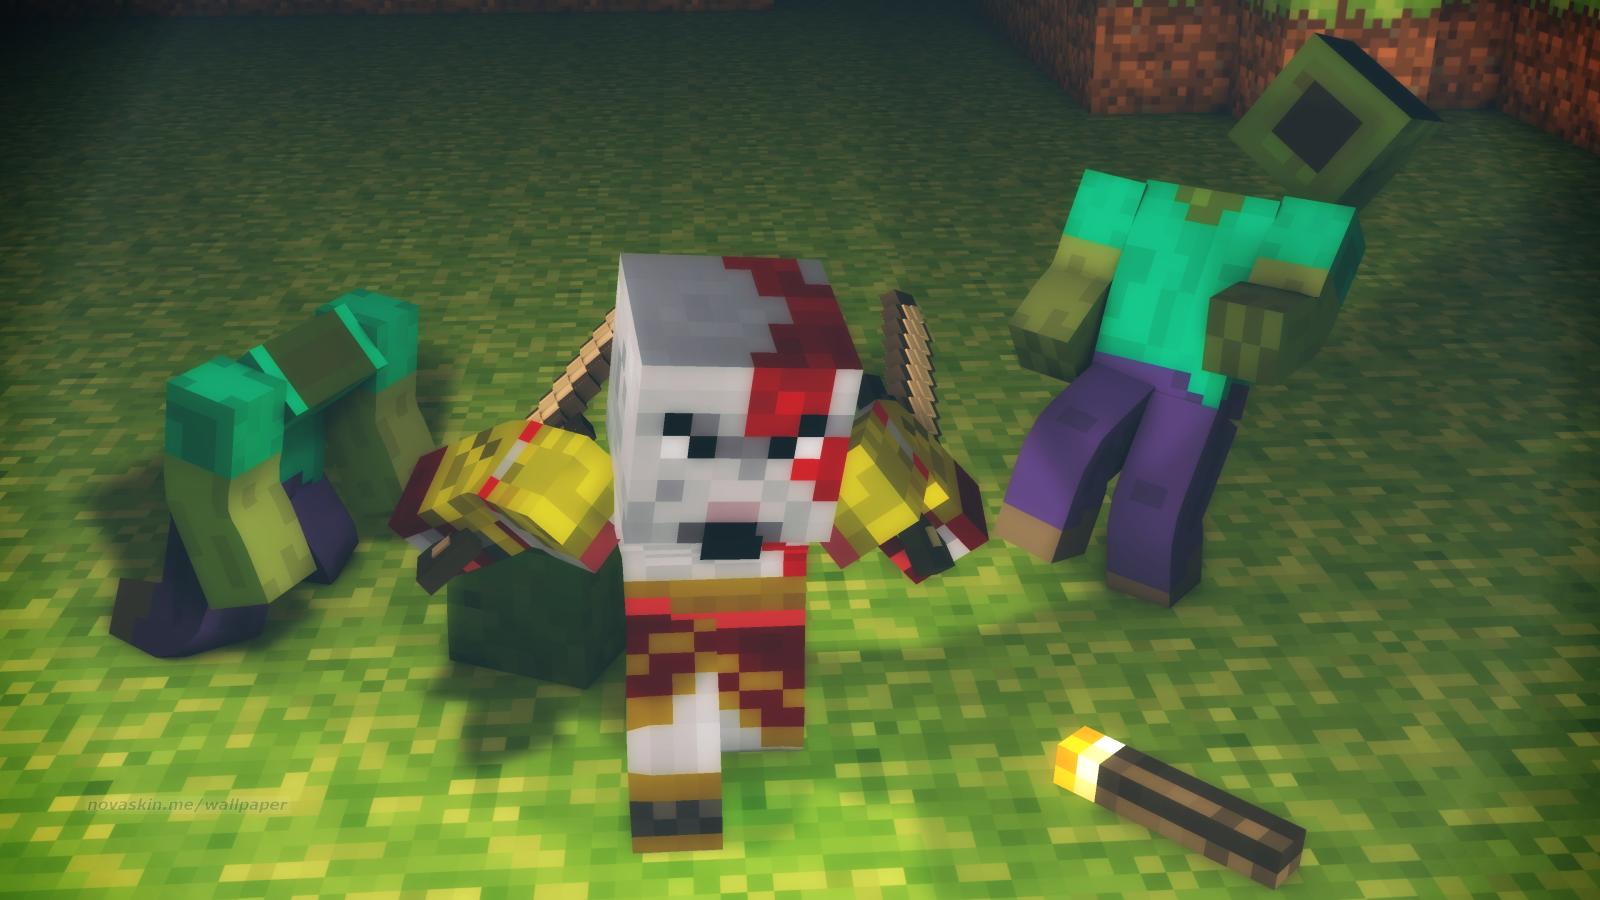 Nova Skin - Minecraft Killing A Zombie - 12x12 Wallpaper